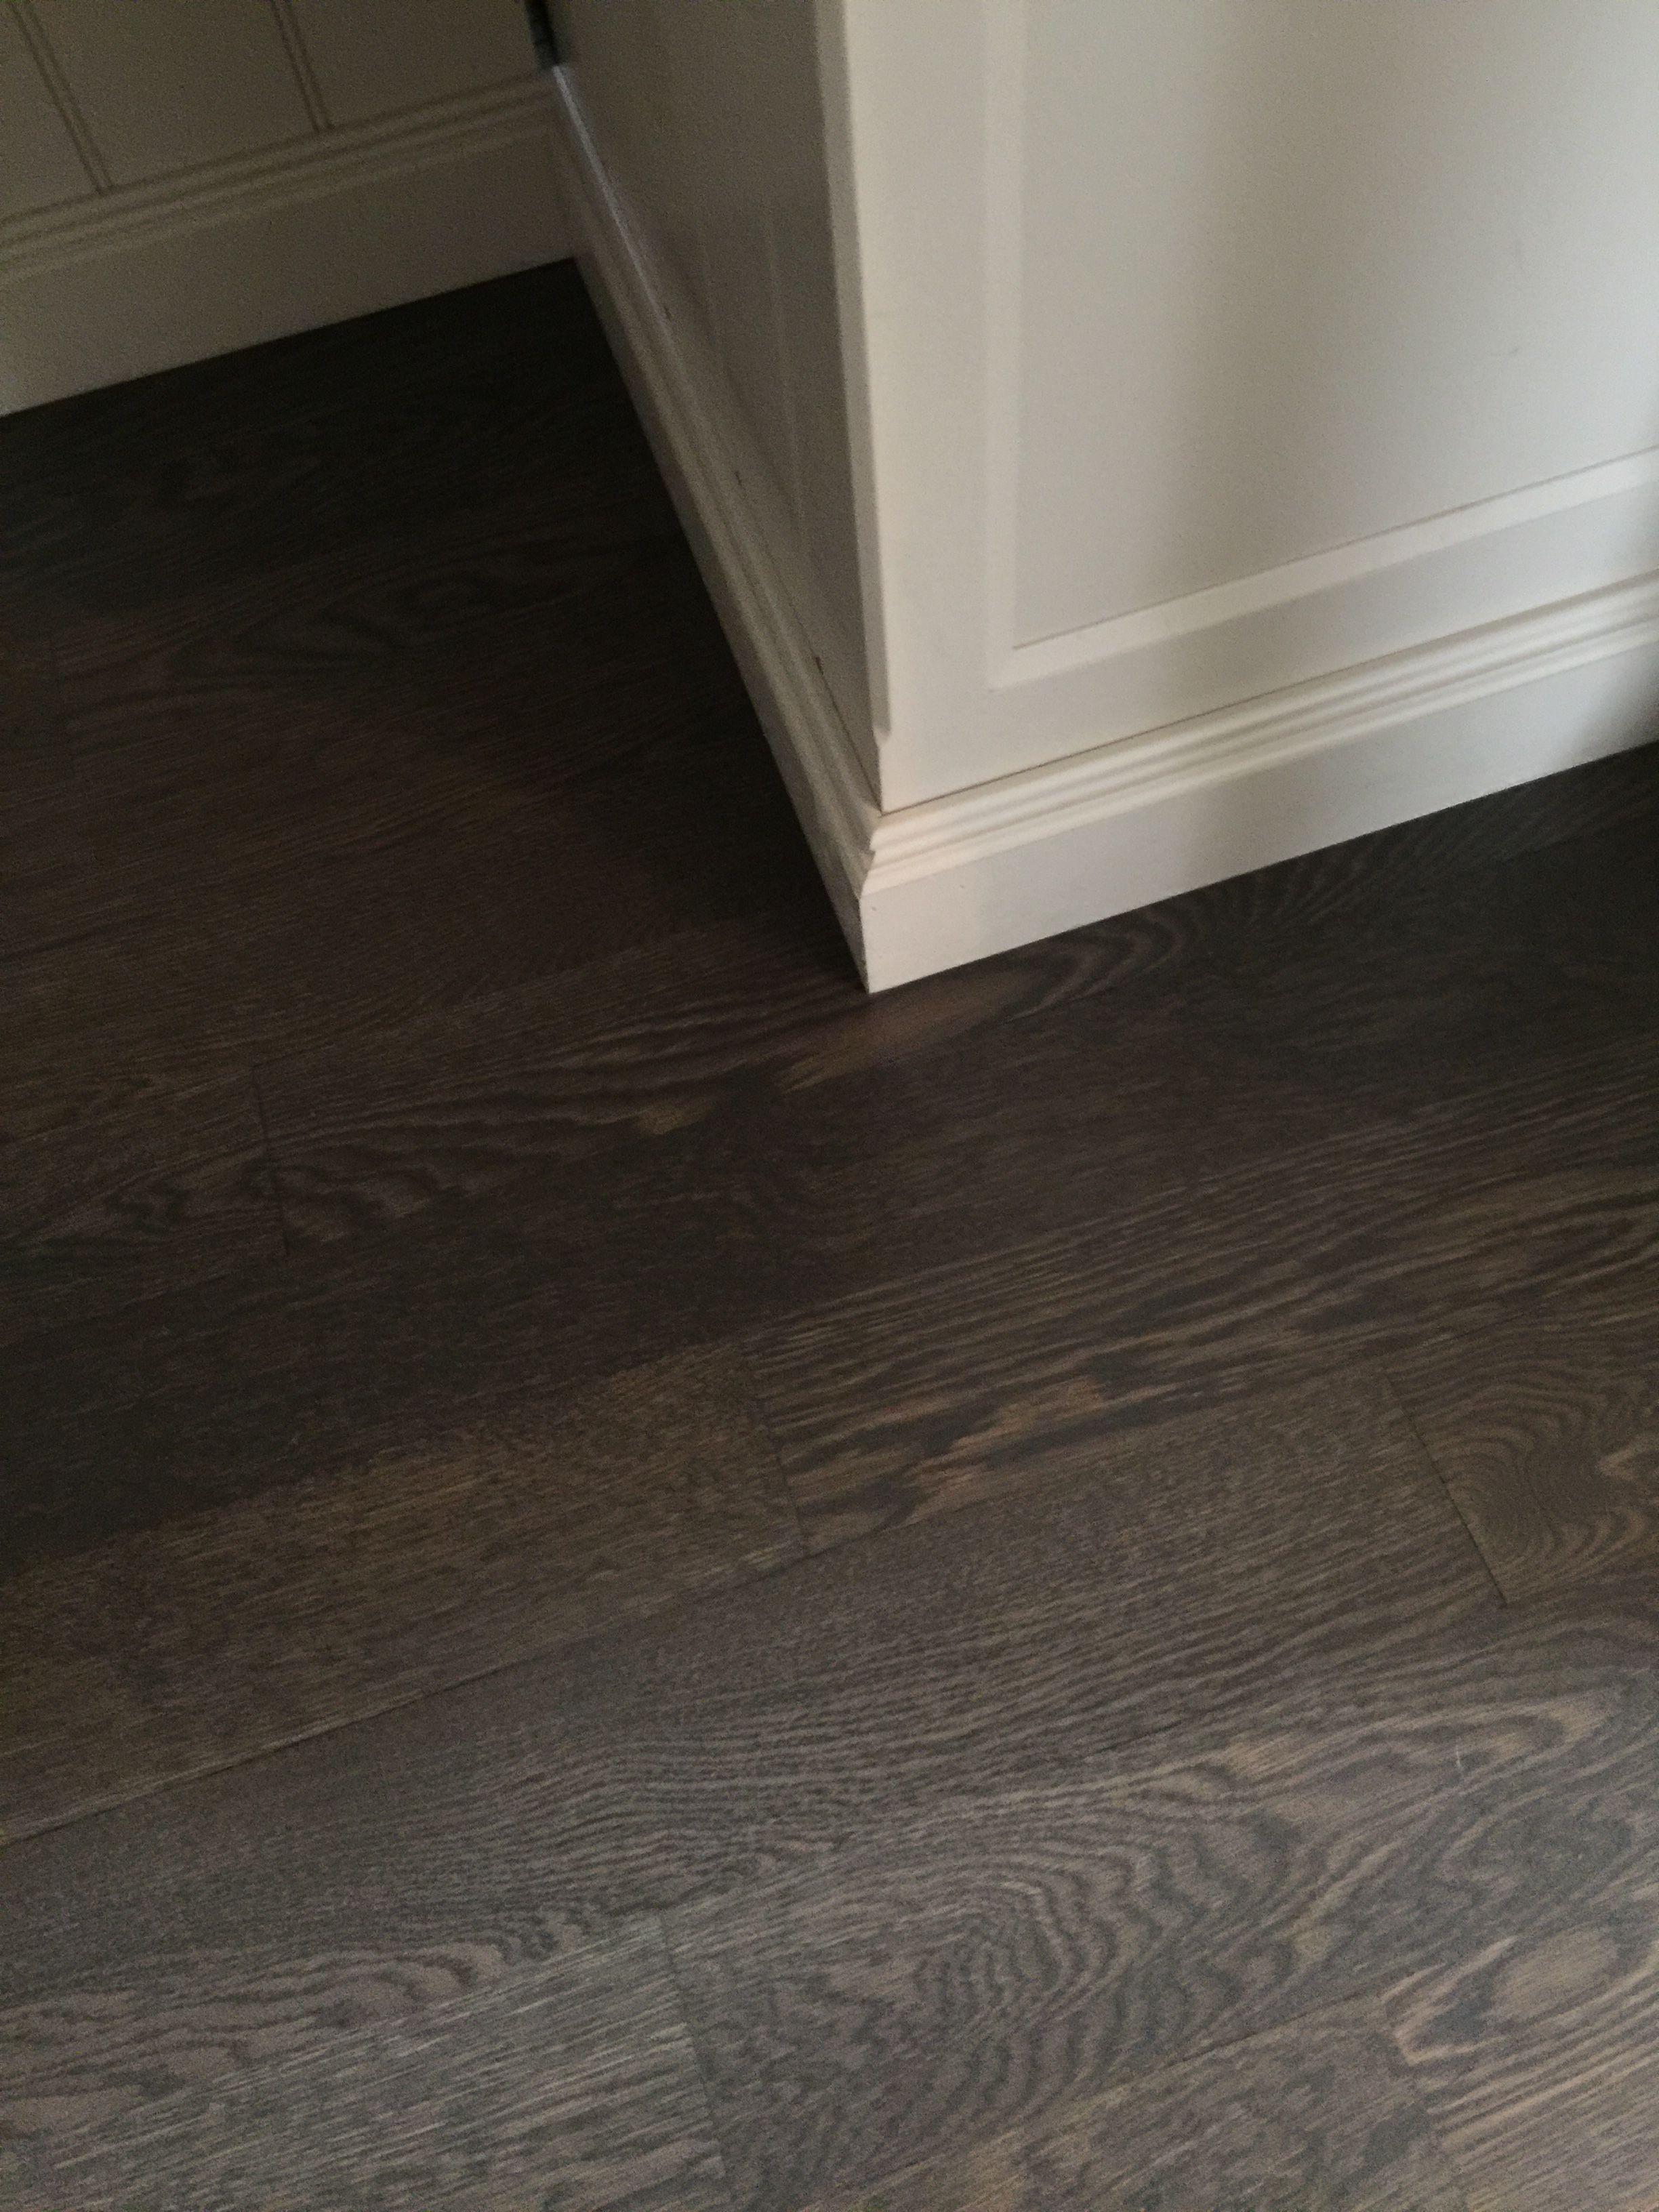 refinishing hardwood floors pet stains of hardwood floor refinishing richmond va 4 white oak hardwood floor throughout hardwood floor refinishing richmond va 4 white oak hardwood floor stain classic grey and ebony